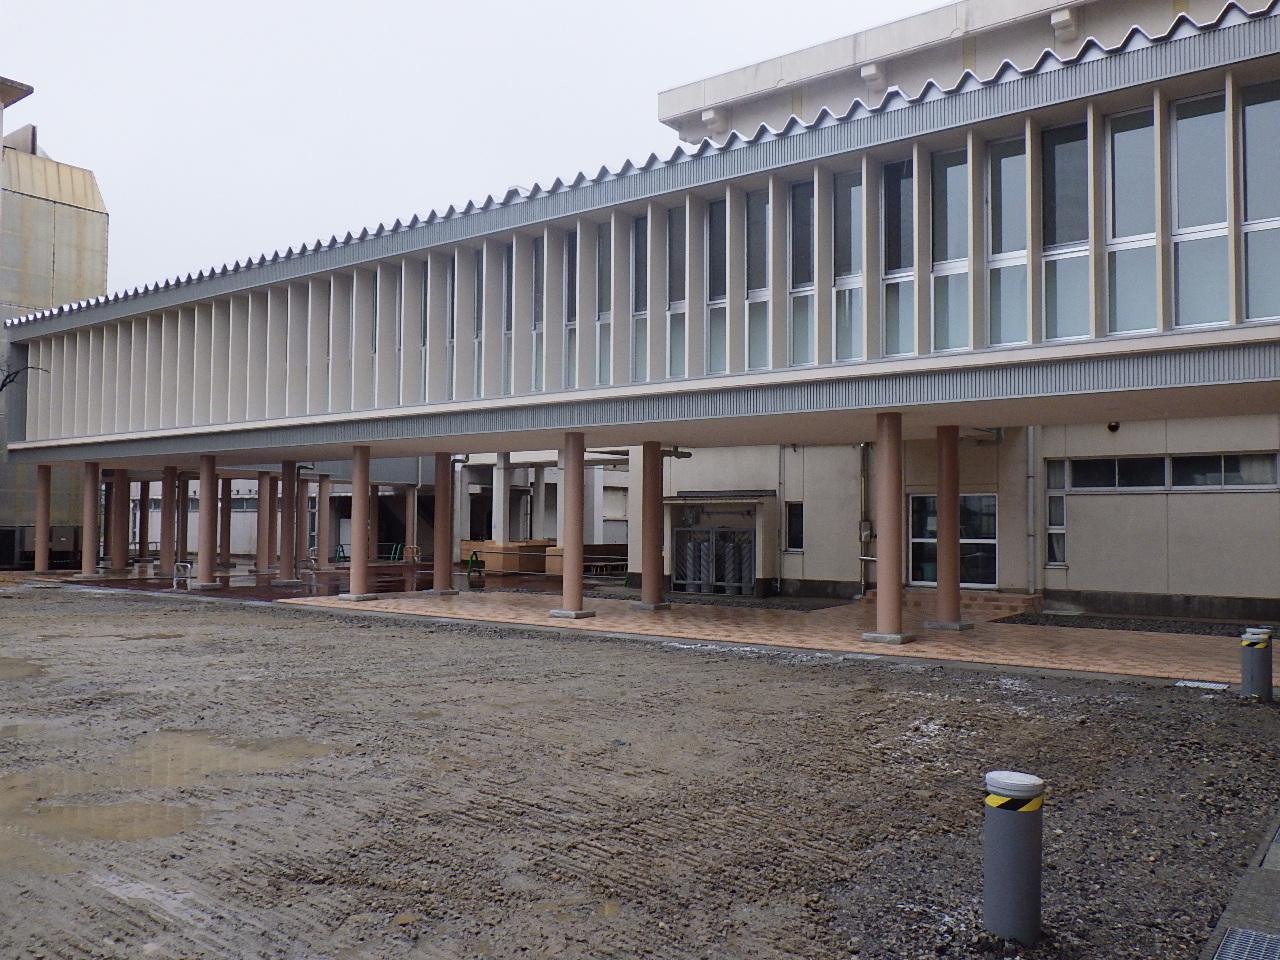 2015年 県立魚津工業高校渡り廊下新築工事